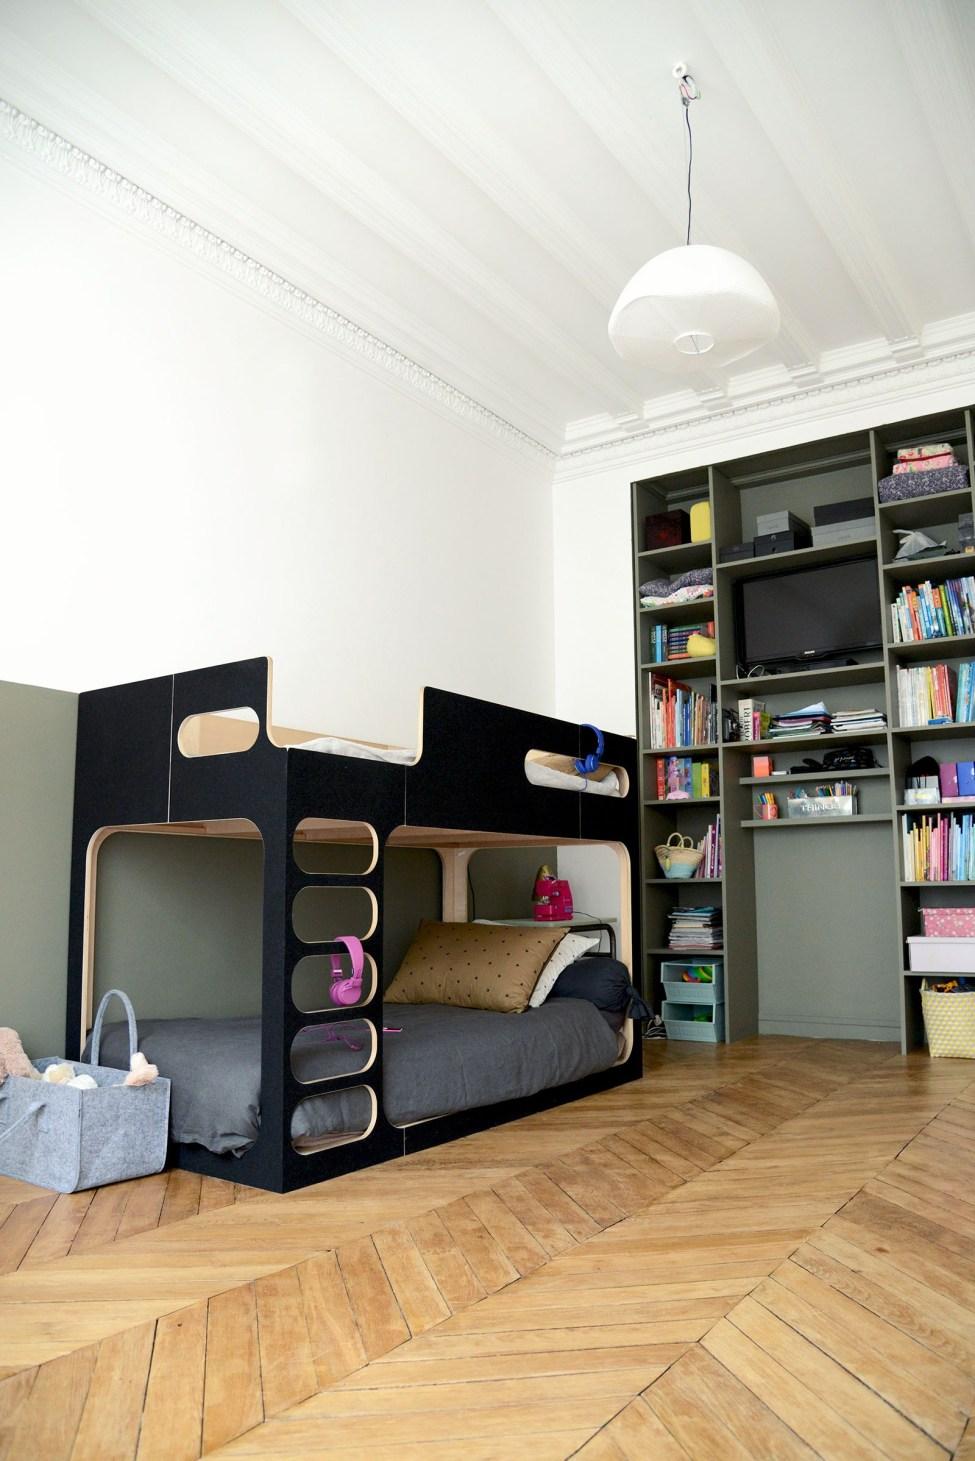 chambre enfant kaki mur bicolore lit mezzanine noire bois parquet - blog déco - clem around the corner